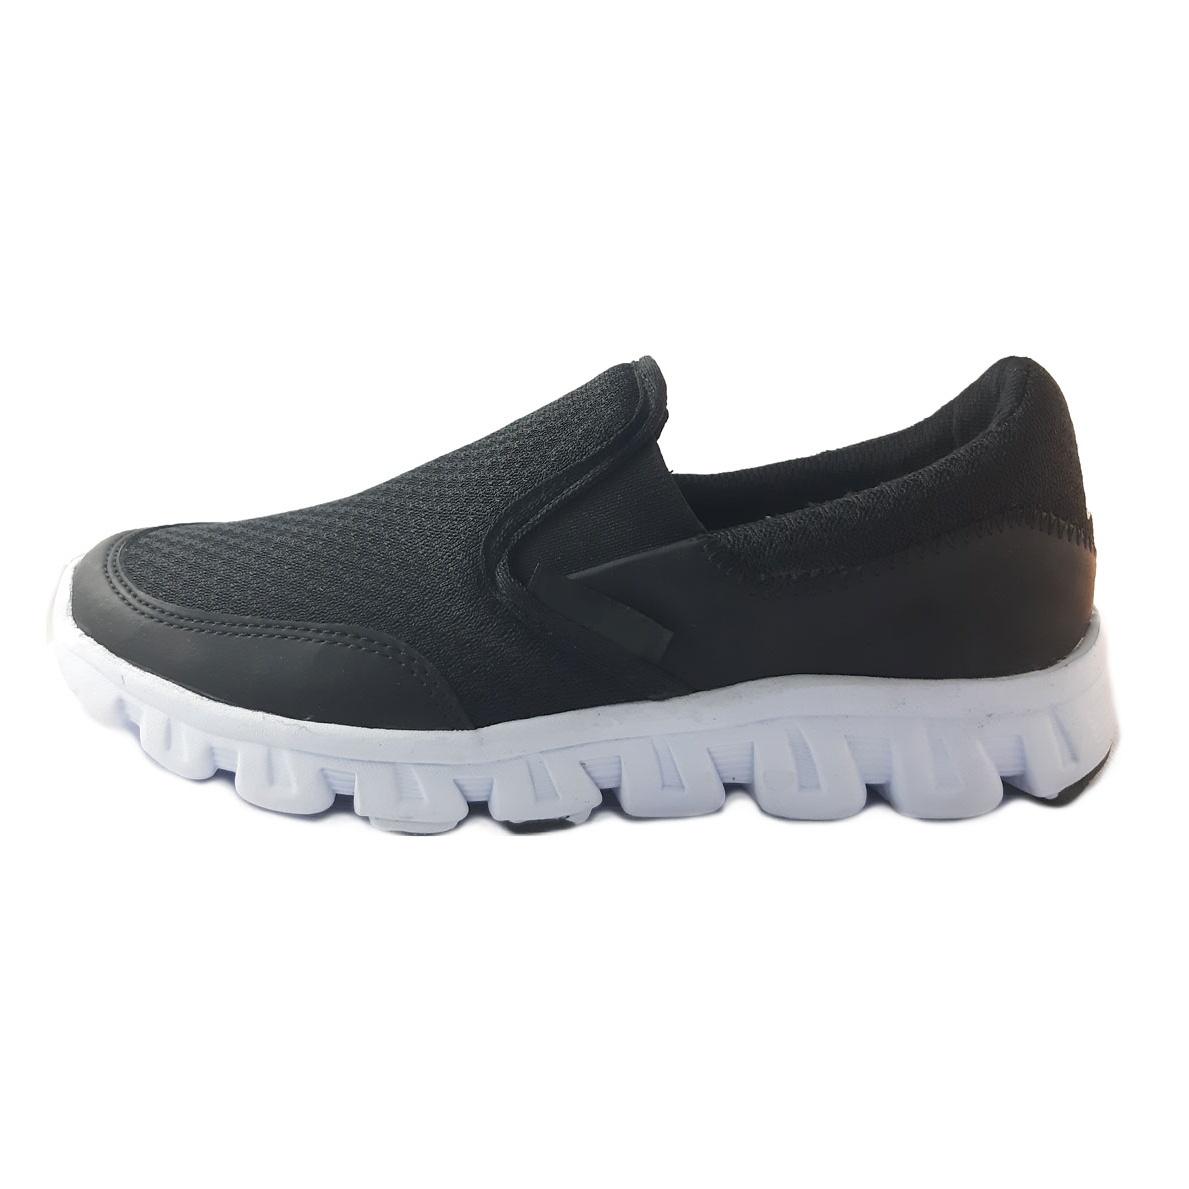 کفش راحتی زنانه نسیم مدل واتیکان کد SH21